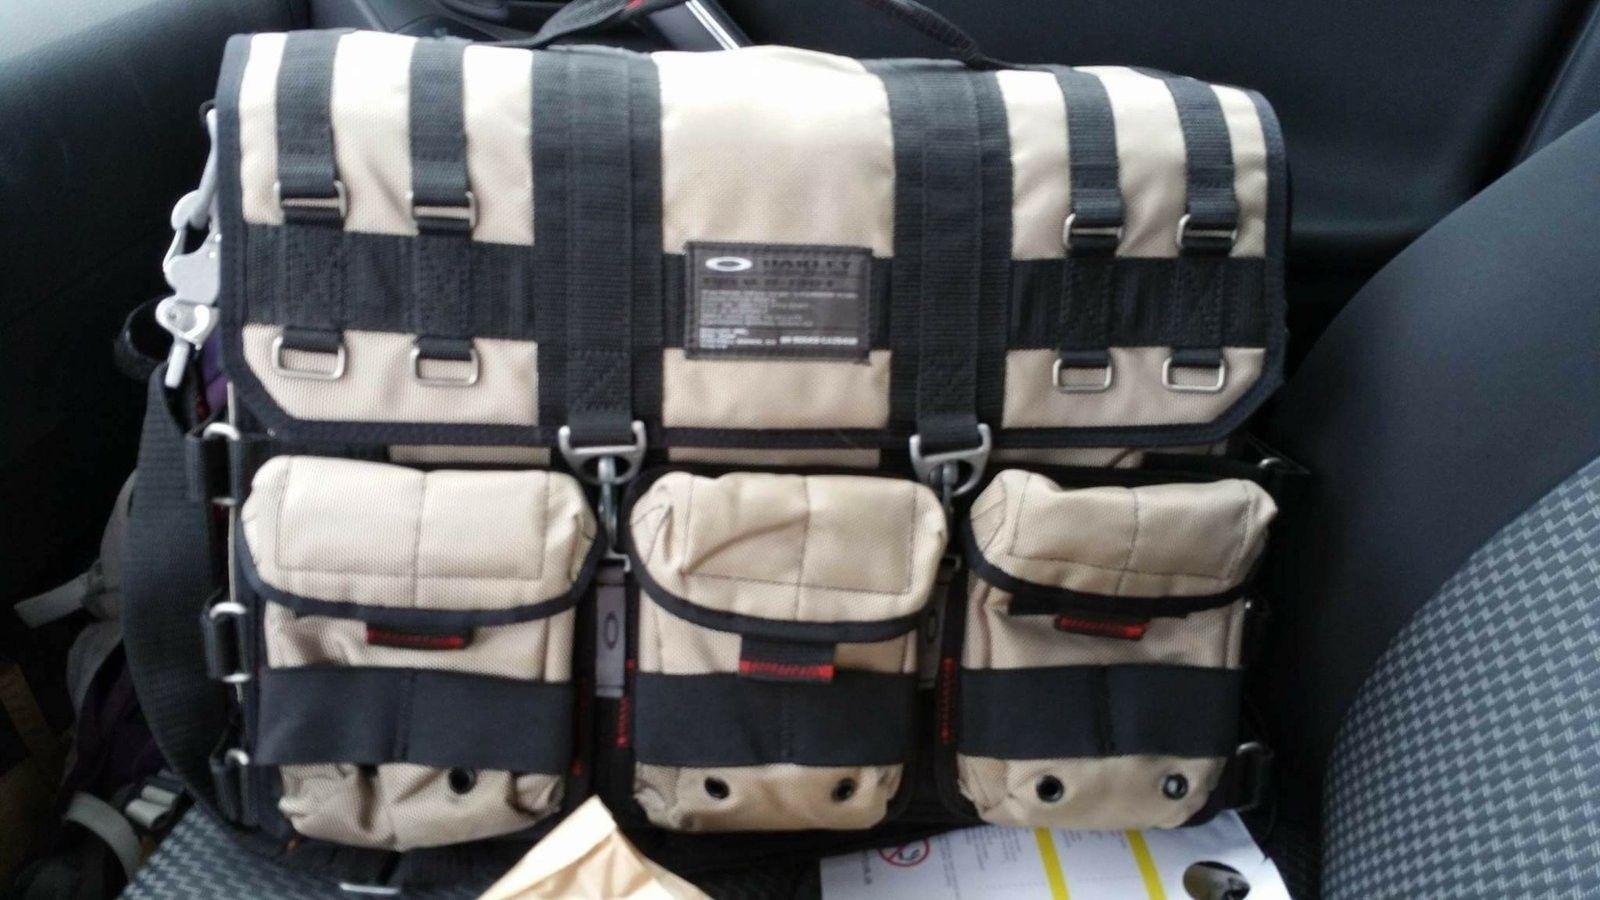 SI computer bag - image.jpeg